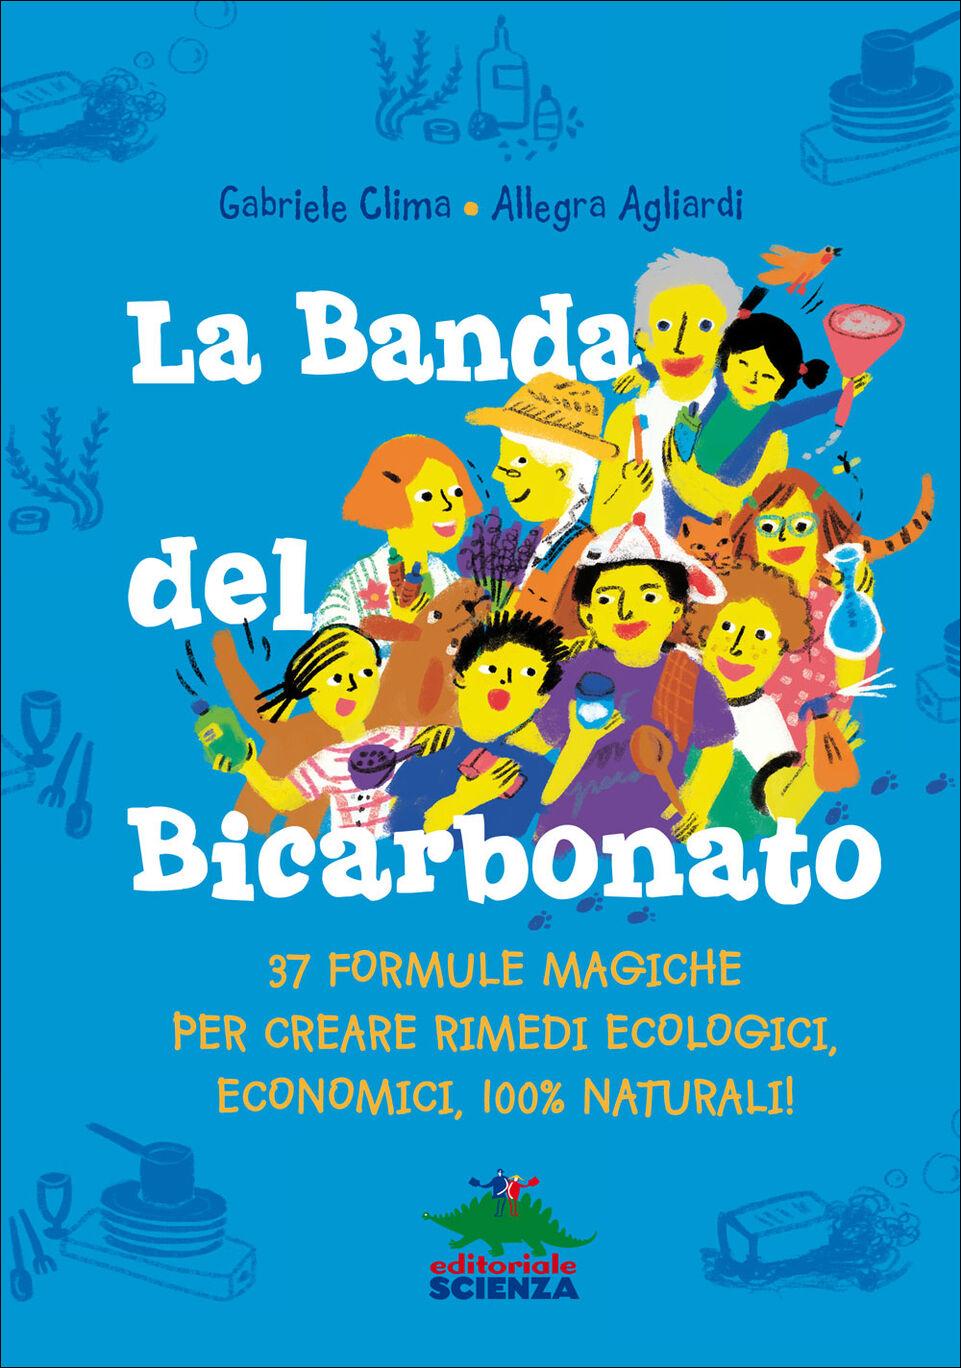 La banda del bicarbonato. 37 formule magiche per creare rimedi ecologici, economici, 100% naturali!